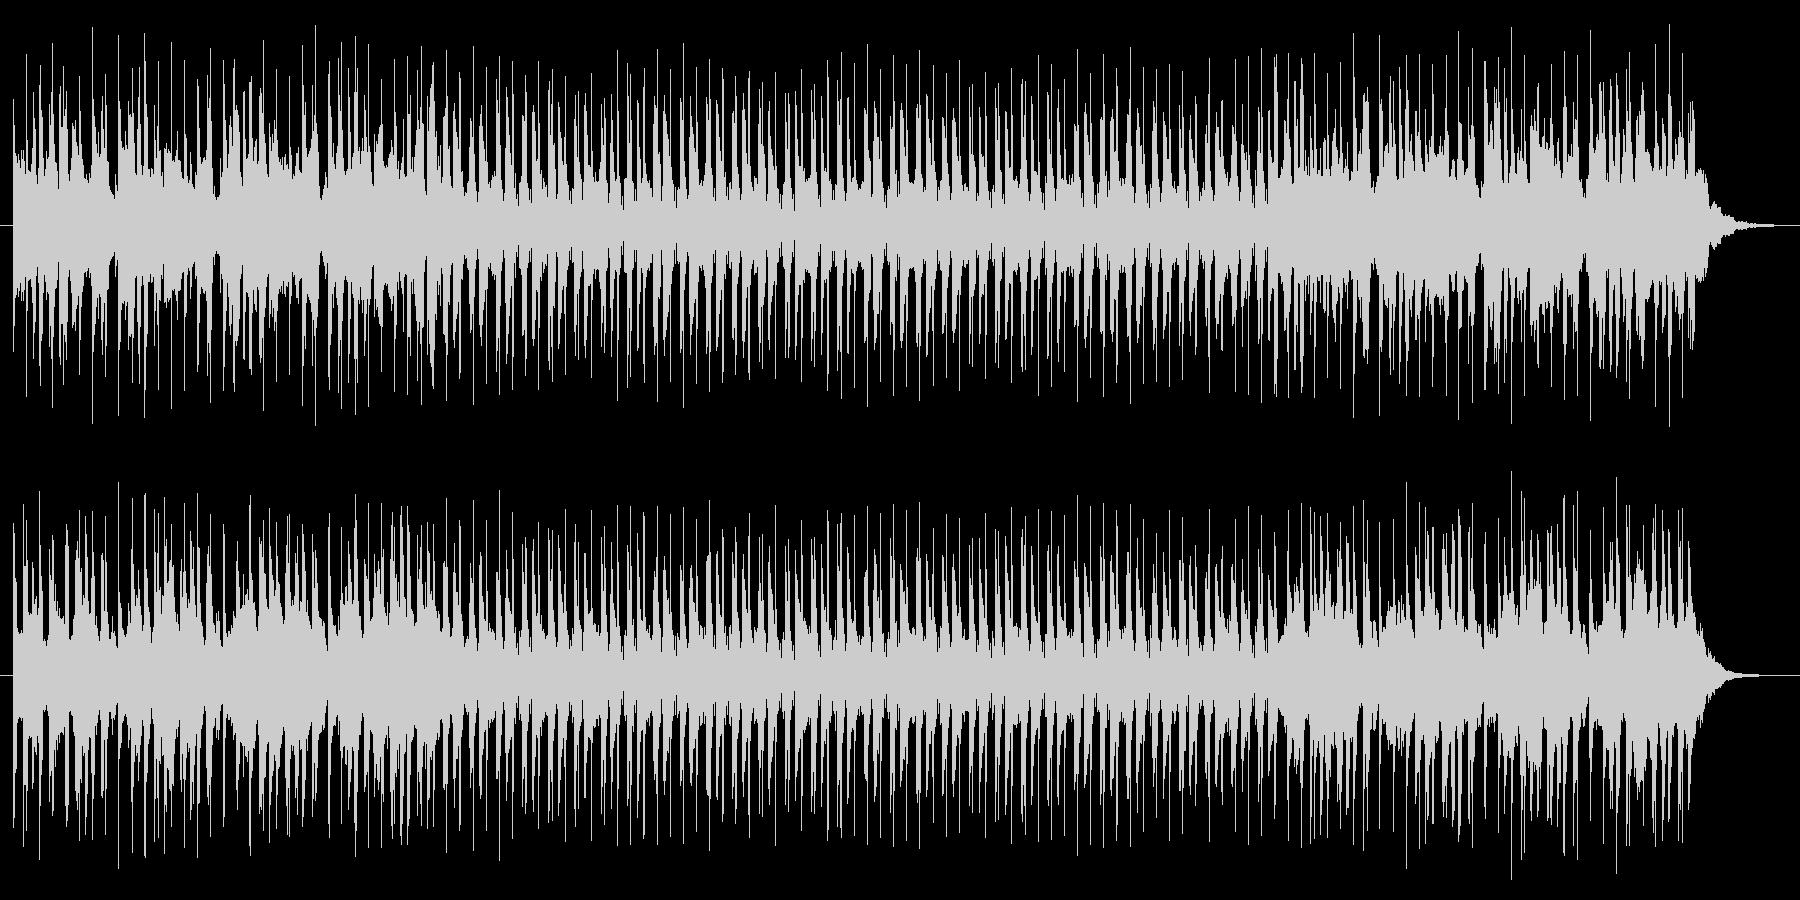 ポップで軽快な雰囲気の曲の未再生の波形